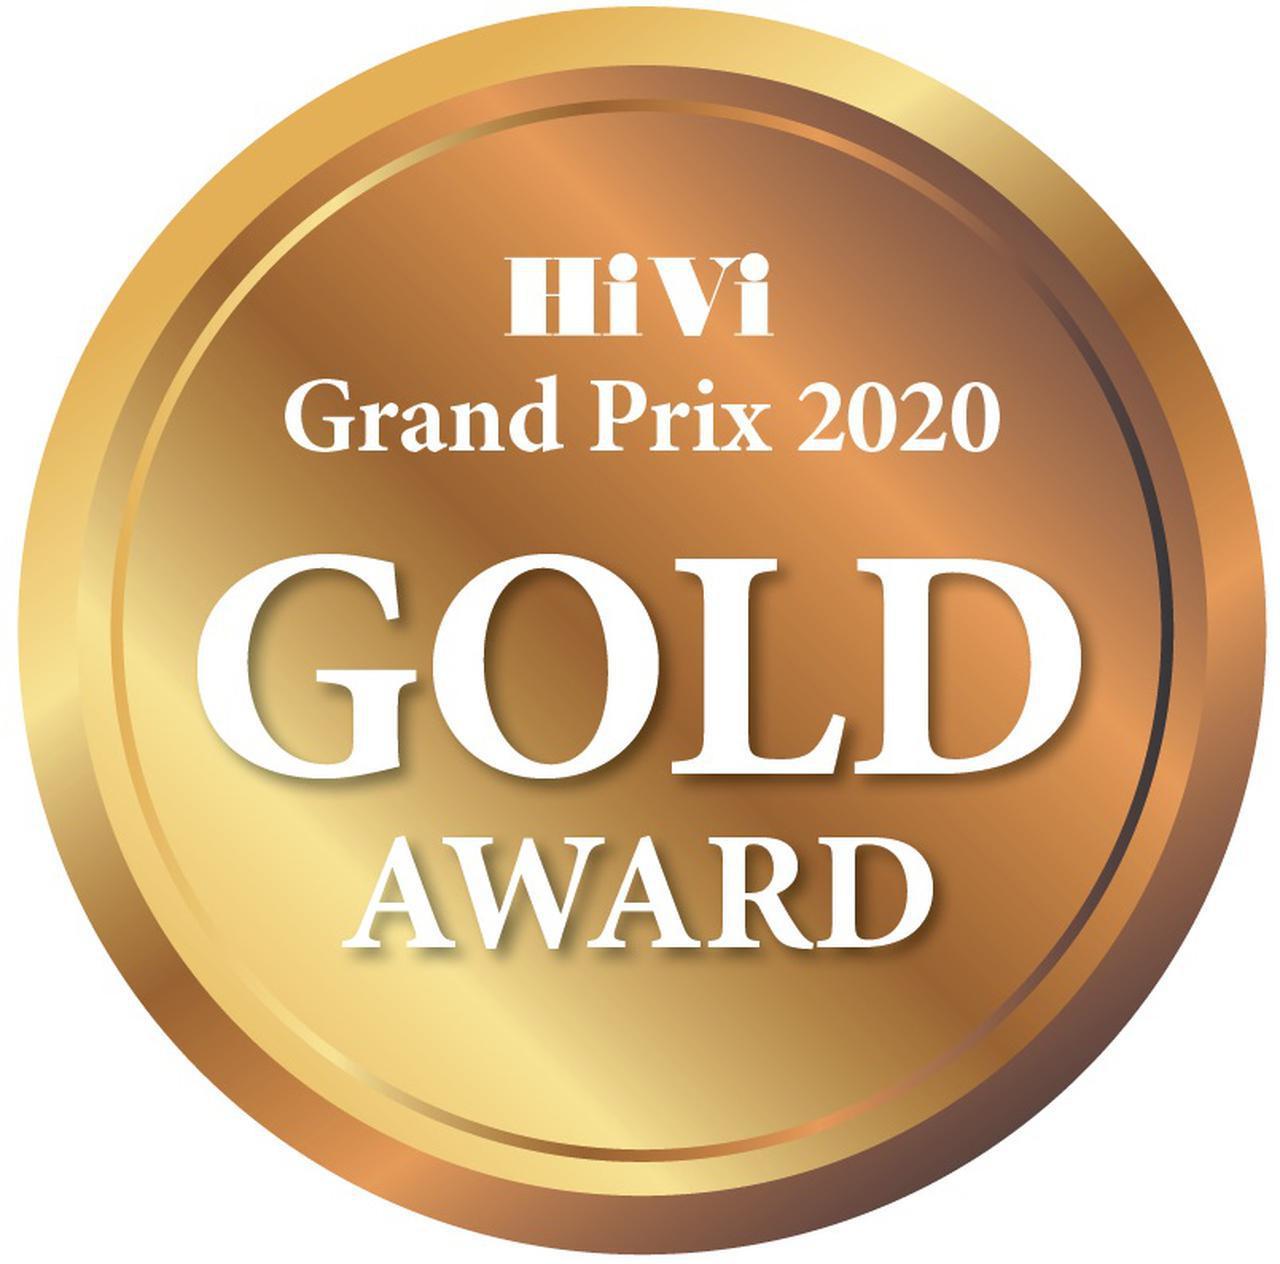 画像: 第36回 HiViグランプリ2020 選考結果一覧【ゴールド、シルバー、ブロンズ アウォード】プロが選んだ最高のオーディオビジュアル製品 - Stereo Sound ONLINE